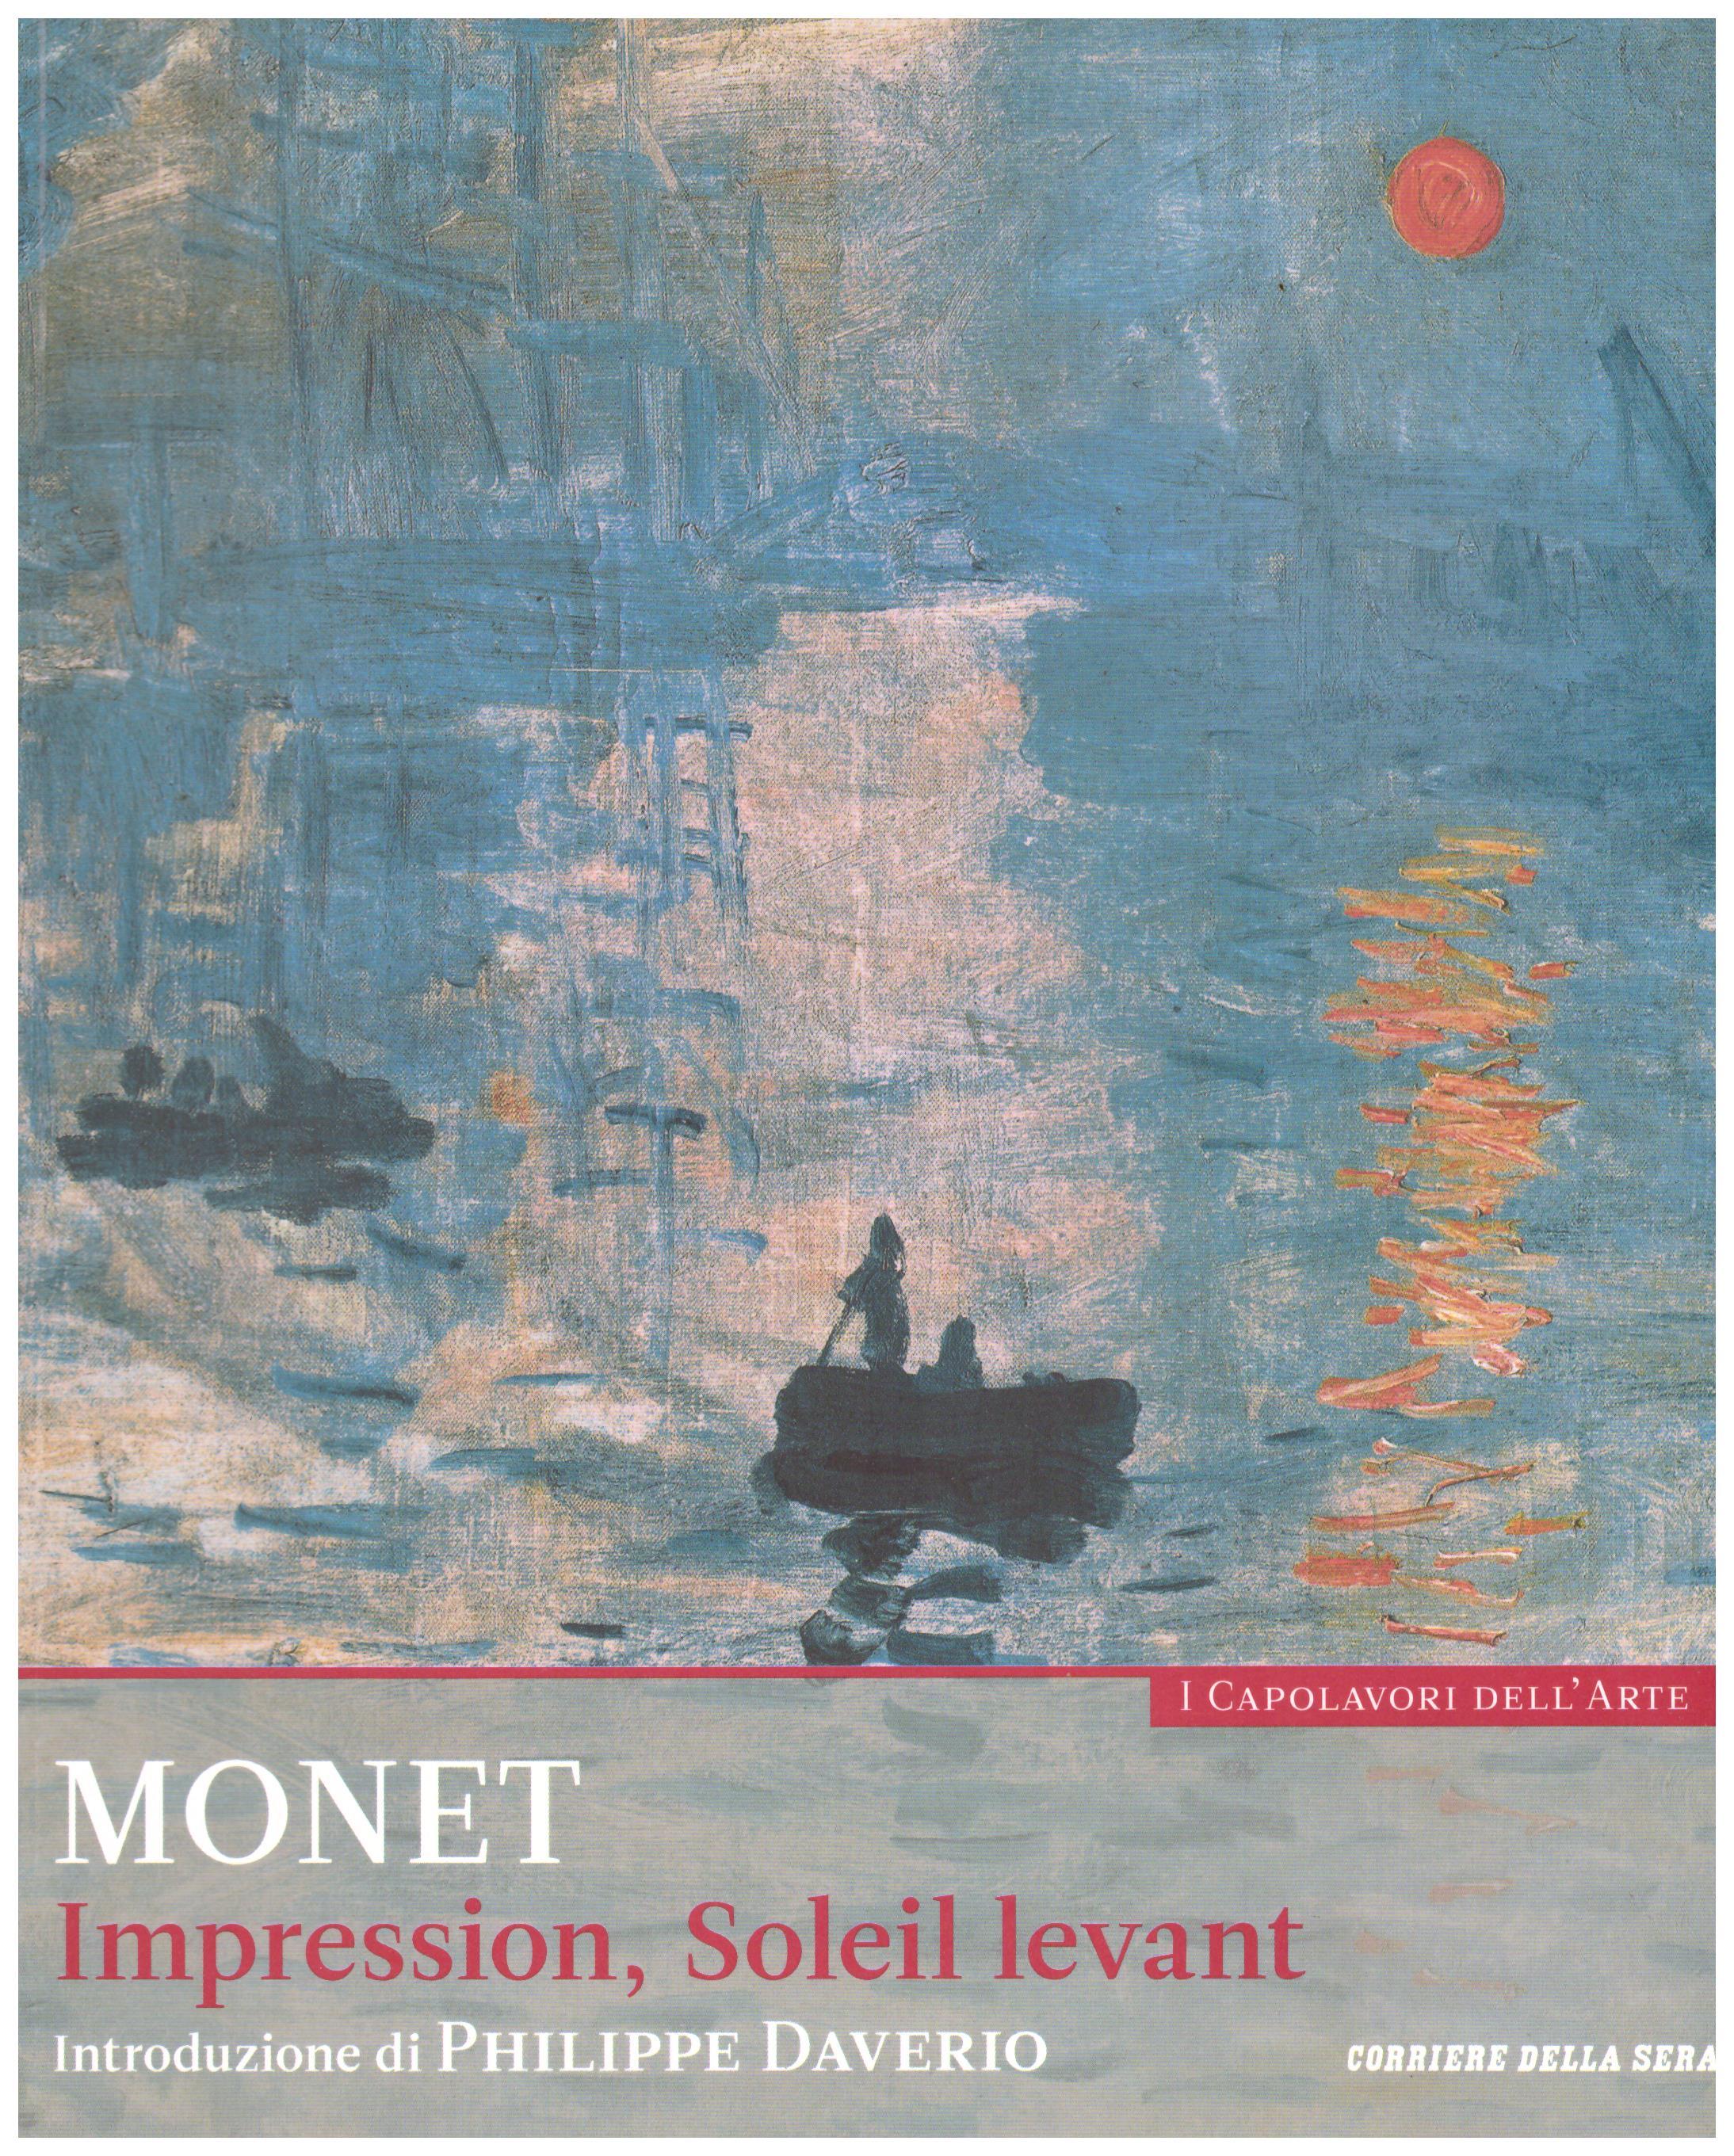 Titolo: I capolavori dell'arte, Monet n.9 Autore : AA.VV.   Editore: education,it/corriere della sera, 2015